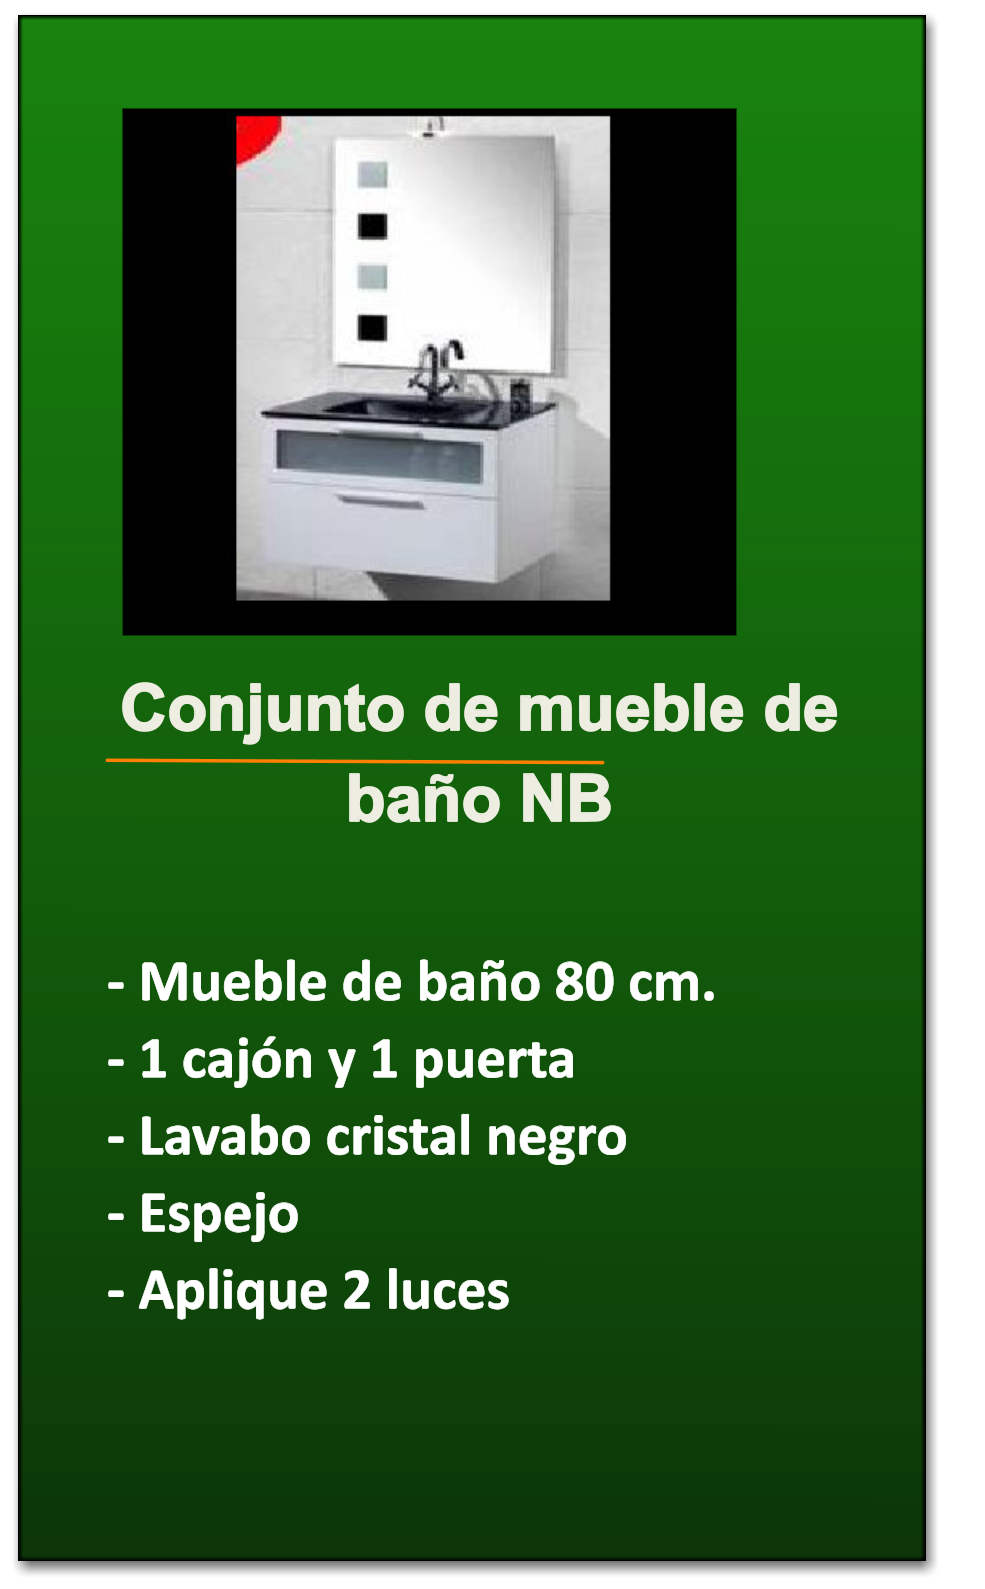 Azulejos Para Baños En Talavera Dela Reina:Conjunto de mueble de baño NB – Mueble de baño 80 cm – 1 cajón y 1